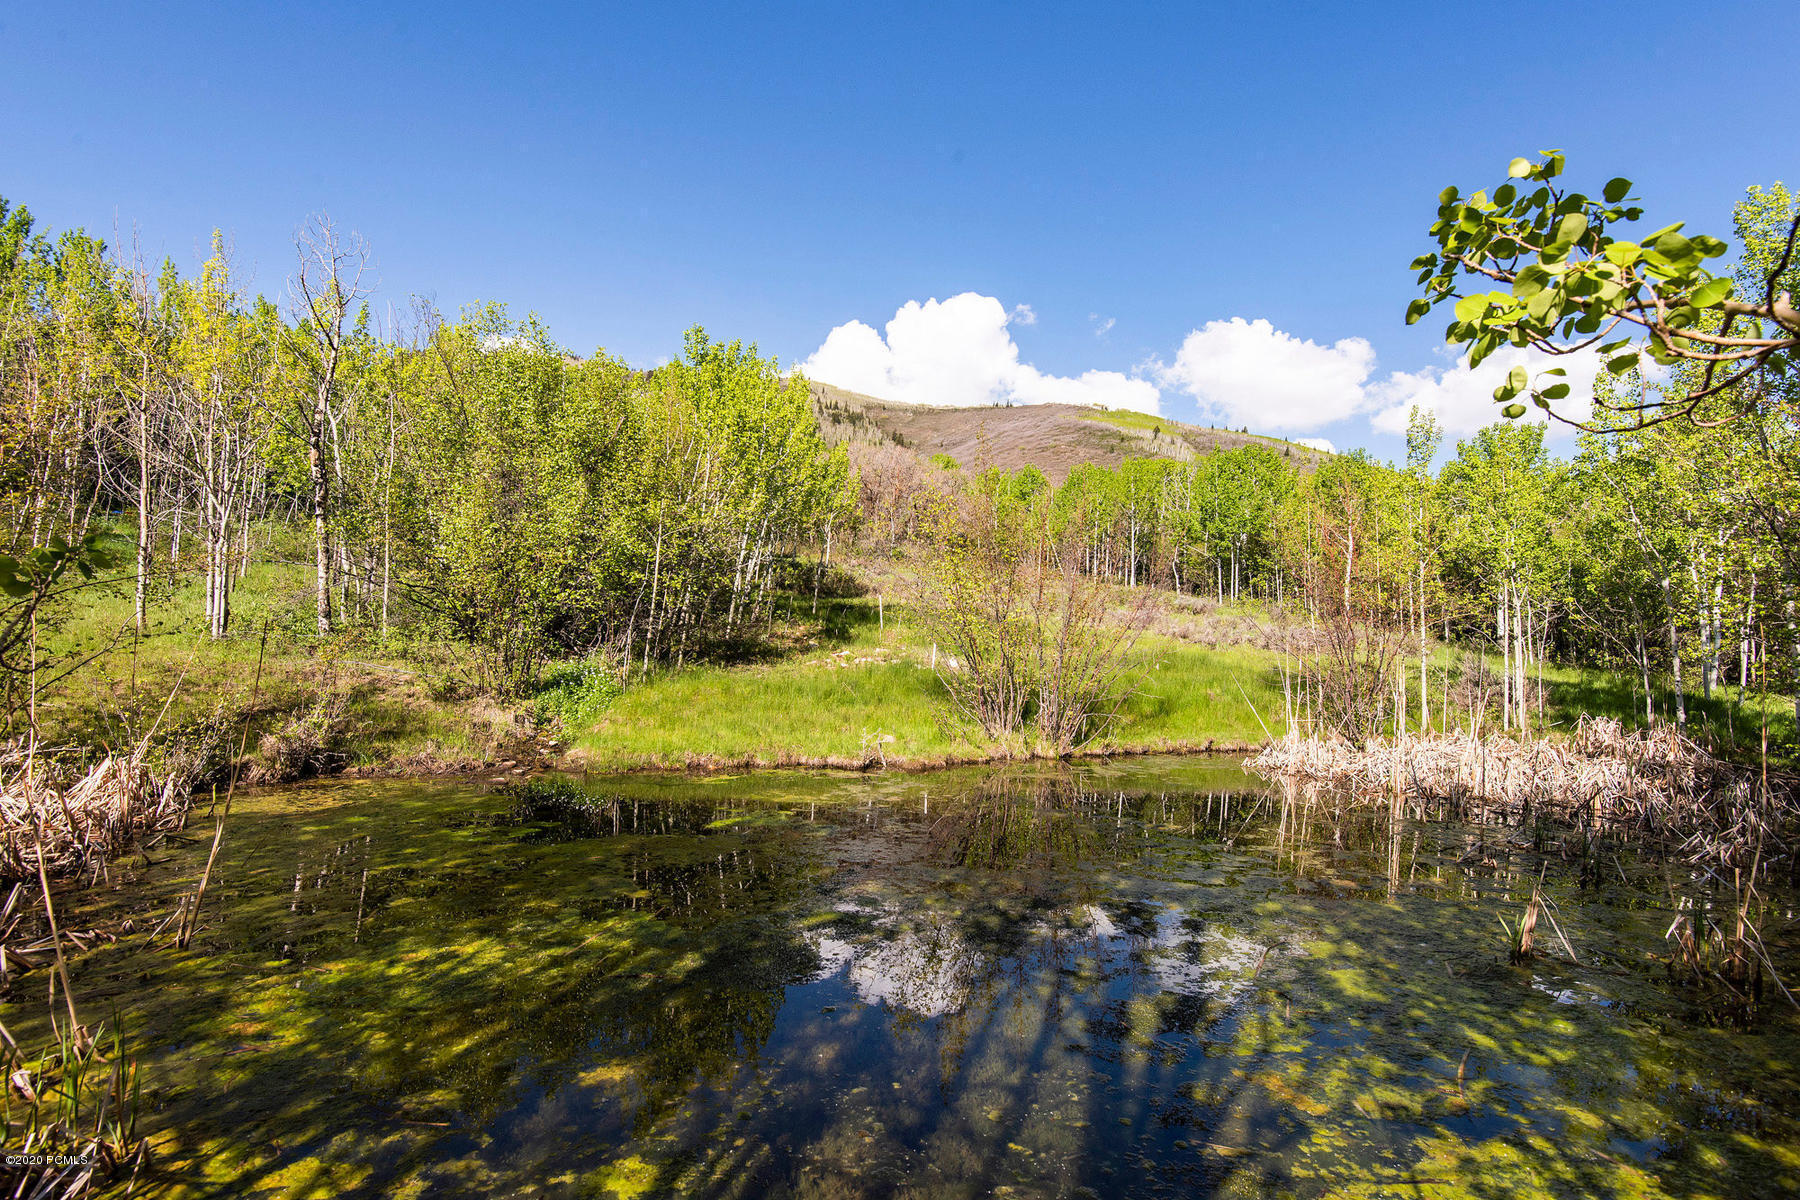 2625 Aspen Springs Drive, Park City, Utah 84060, ,Land,For Sale,Aspen Springs,20190109112430415765000000